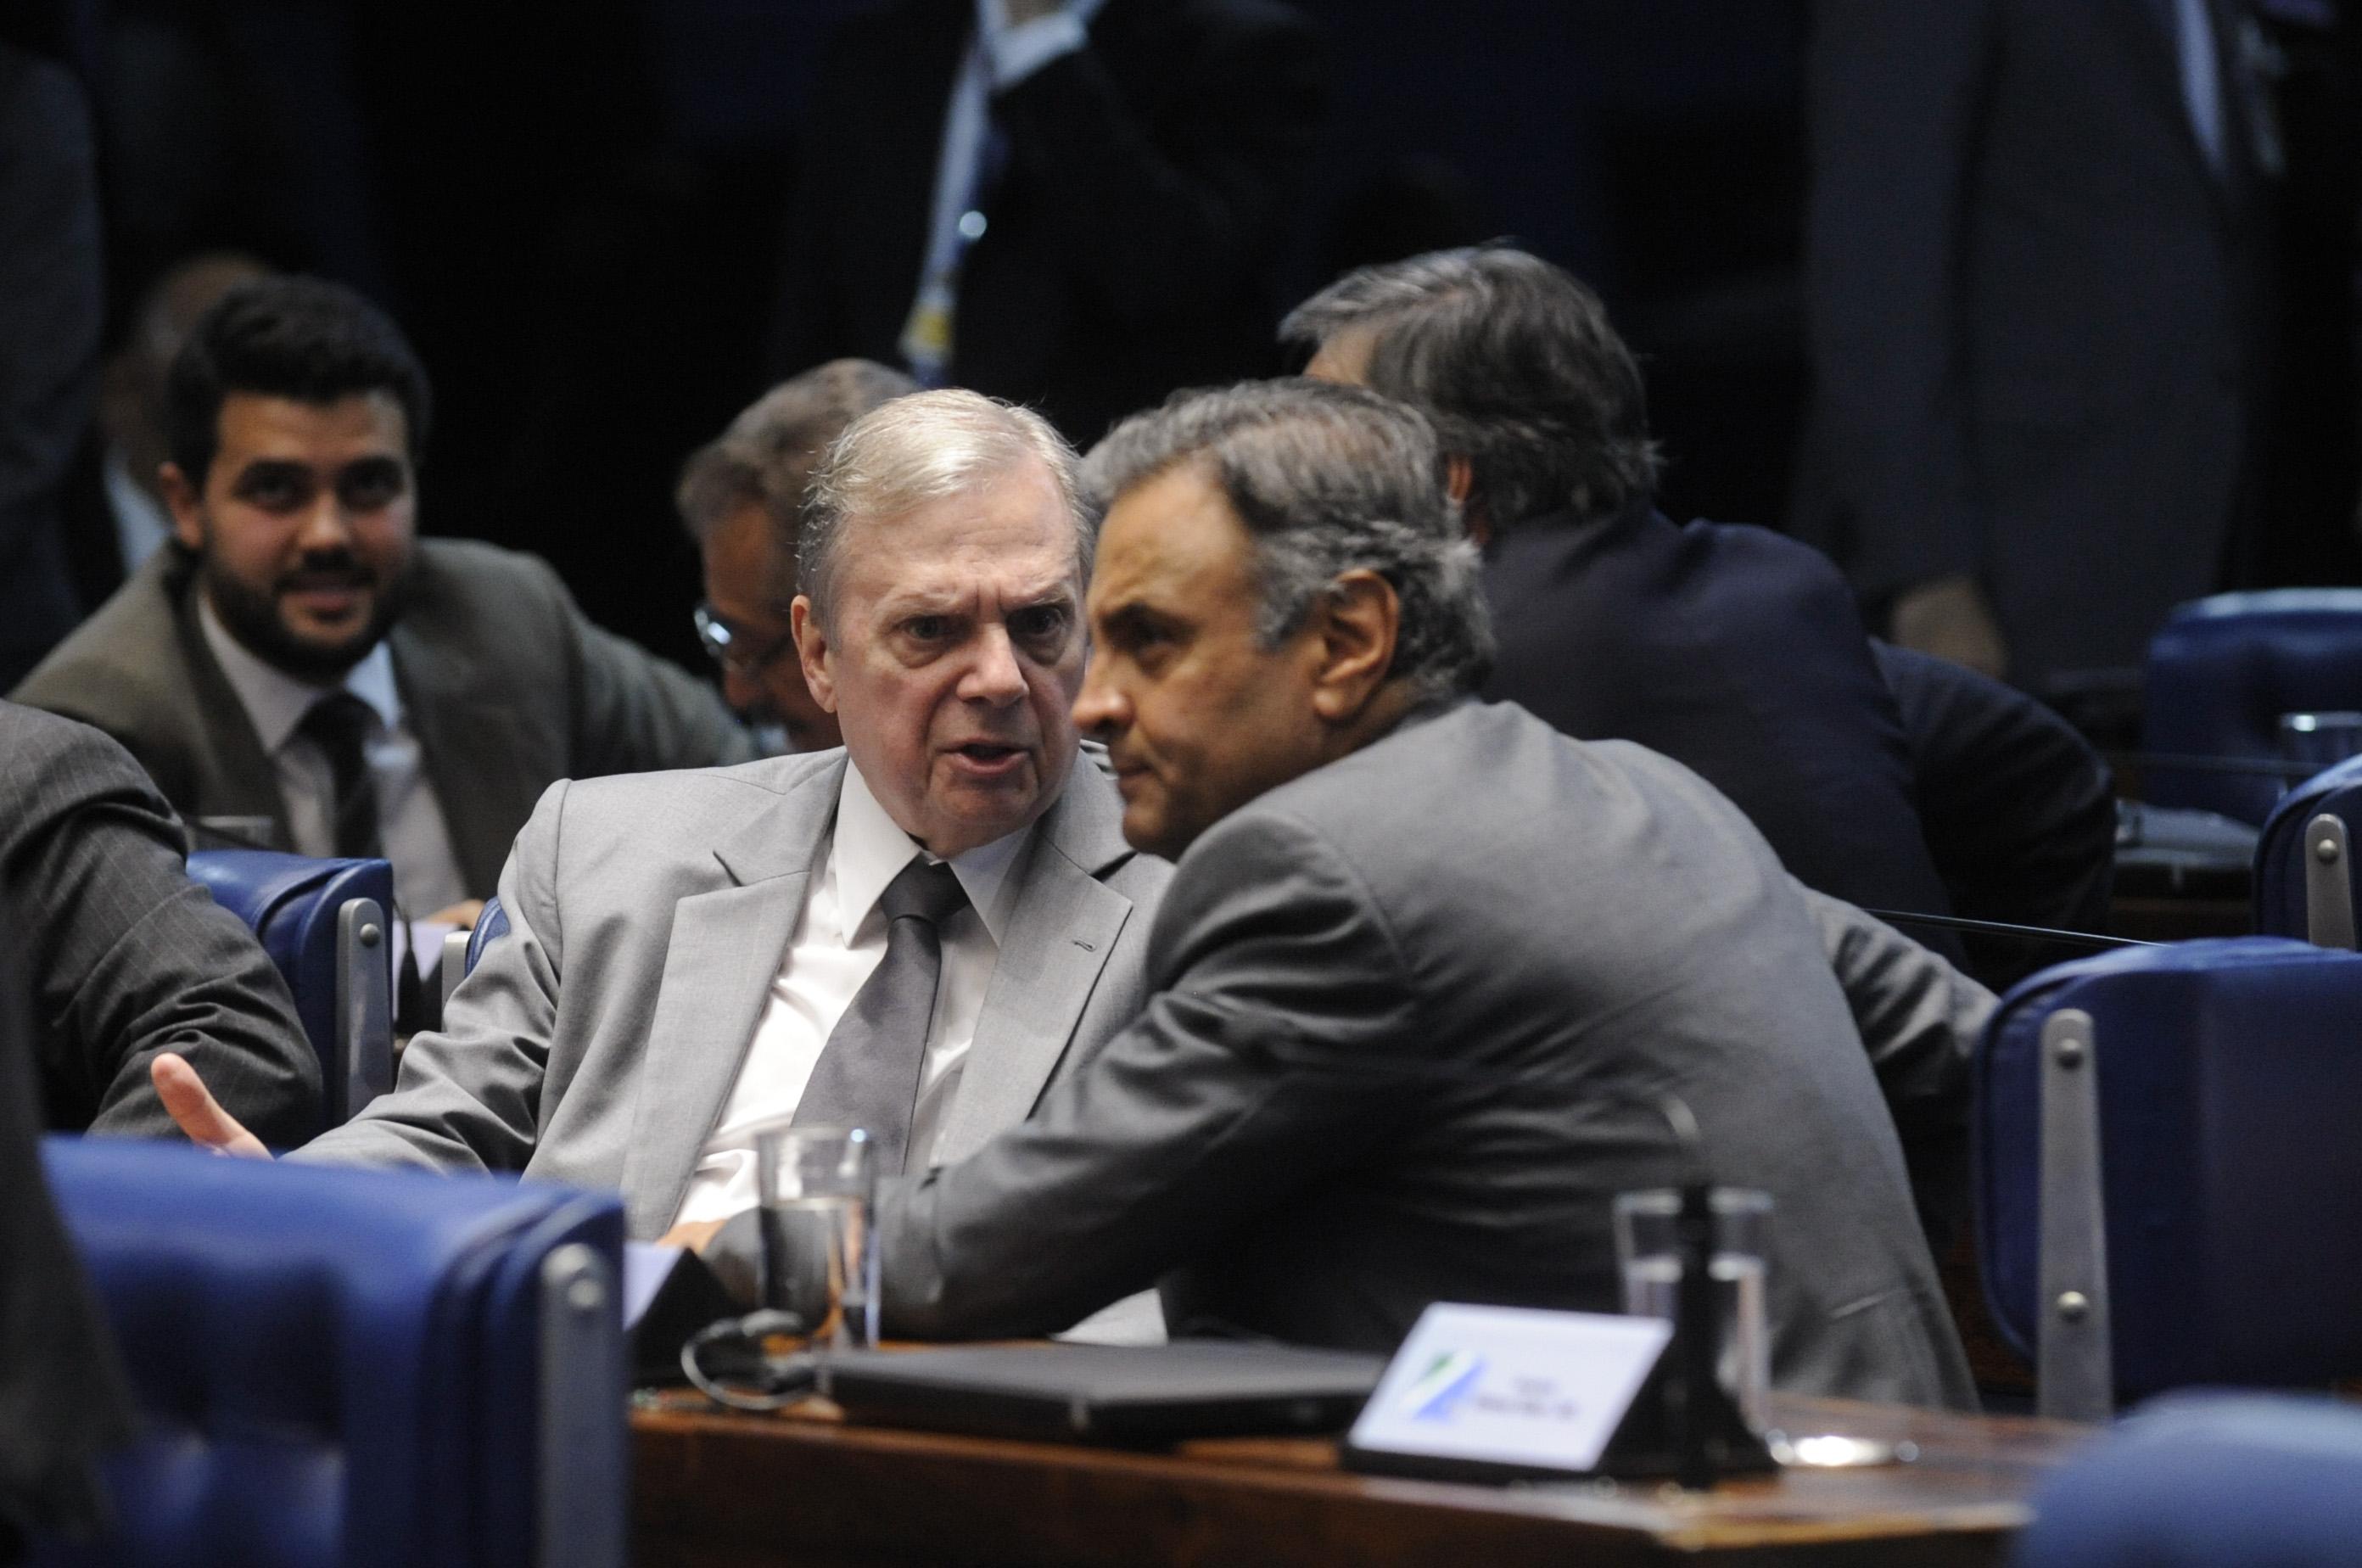 Em debate de 2014, Globo só interrompeu pastor a serviço da Odebrecht depois de frase de efeito contra Dilma